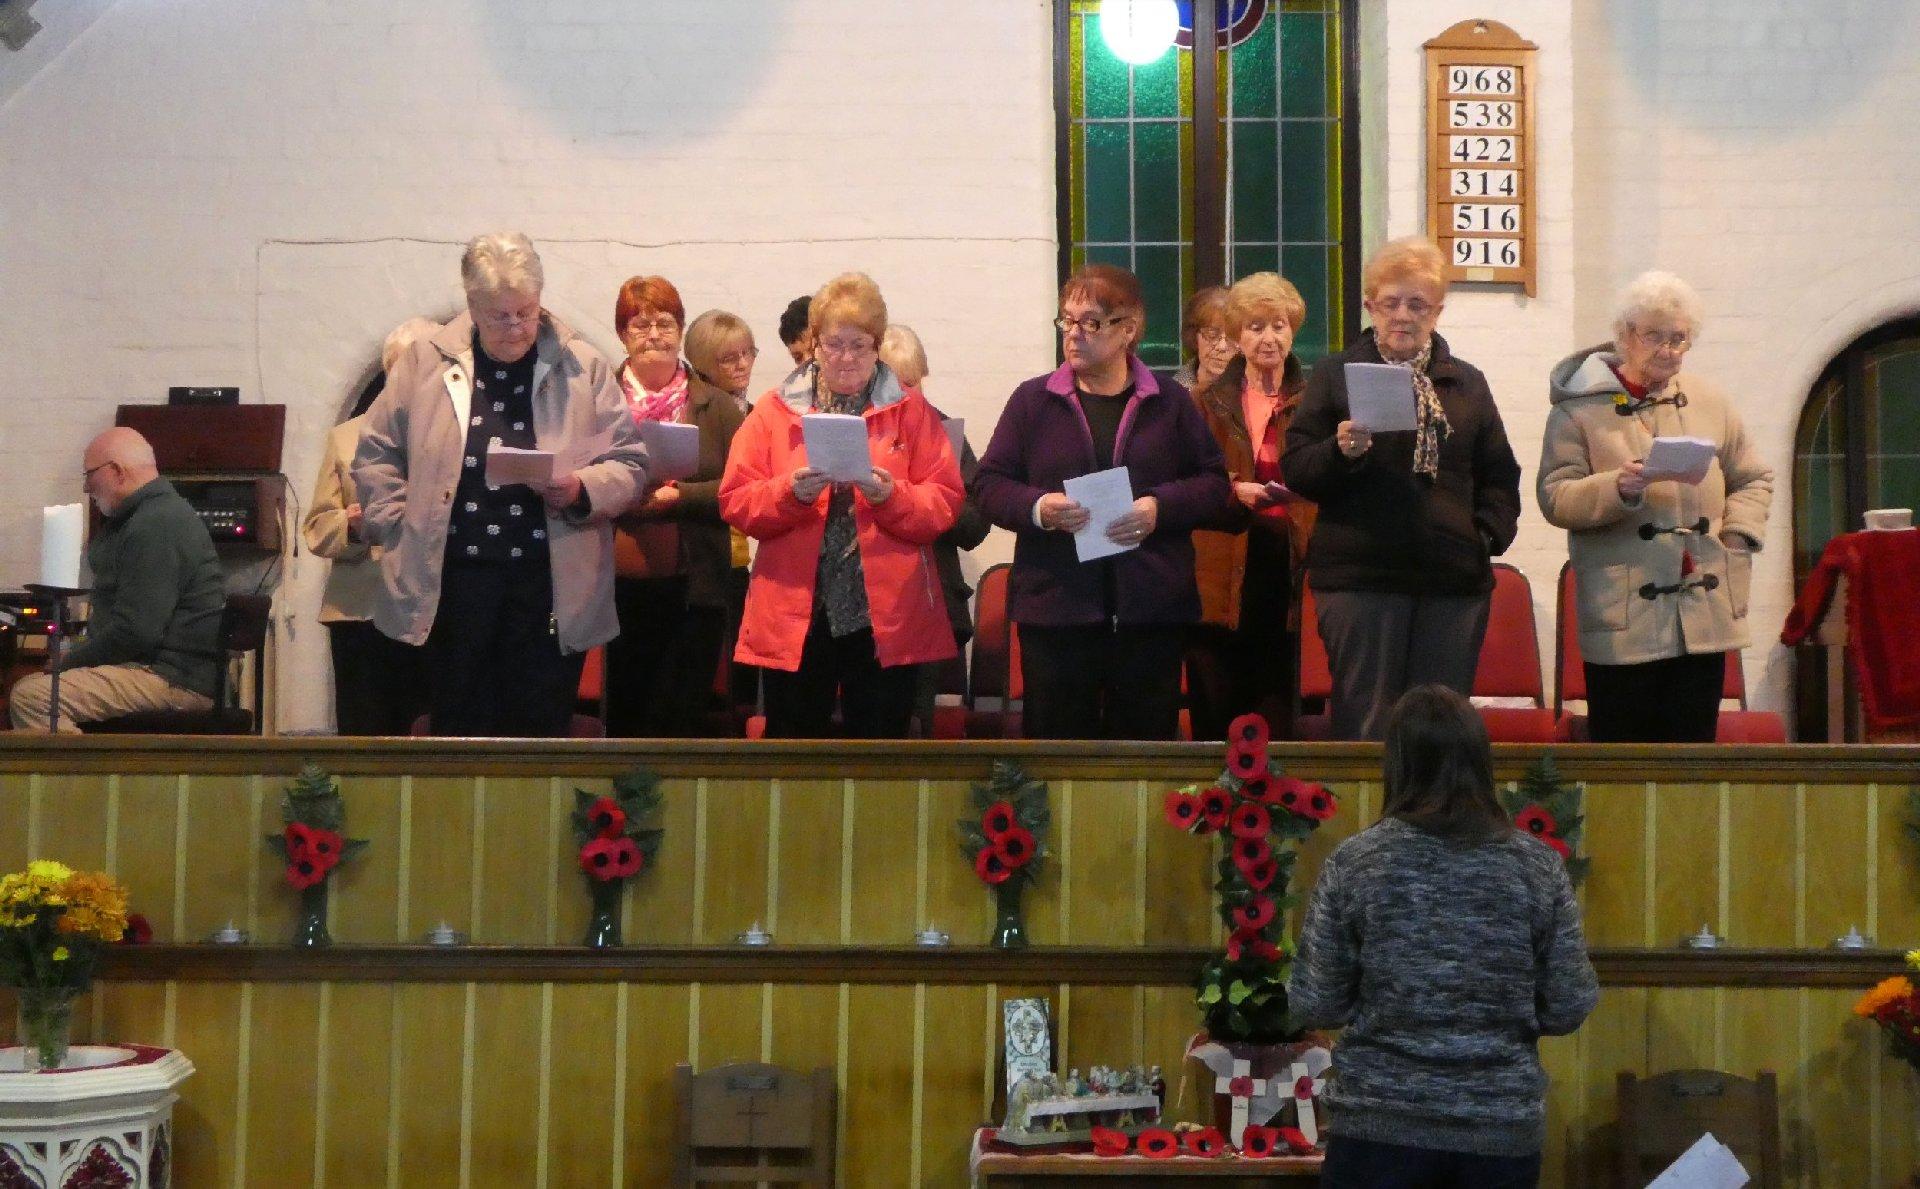 2016_11-09_Ladies Choir Rehearsal20